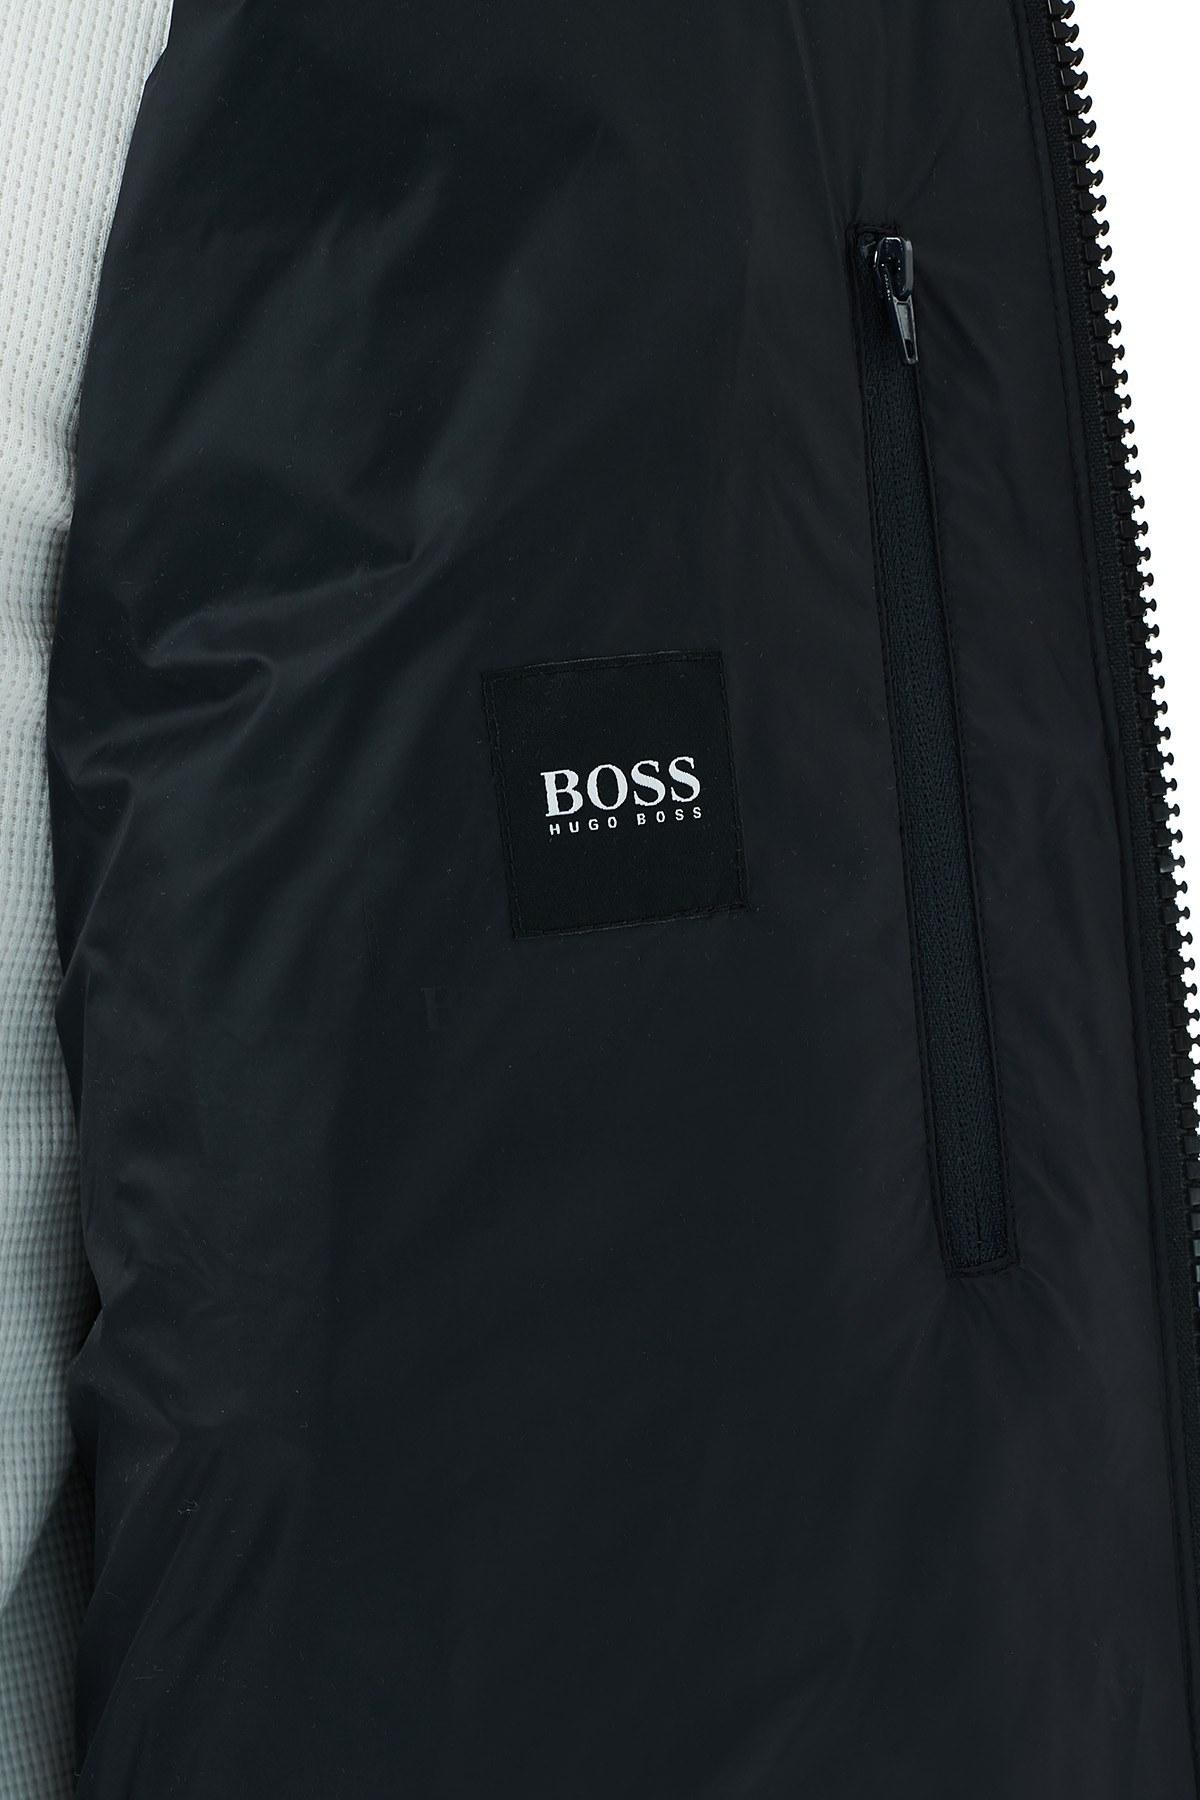 Hugo Boss Dik Yaka Cepli Şişme Erkek Mont 50436512 001 SİYAH